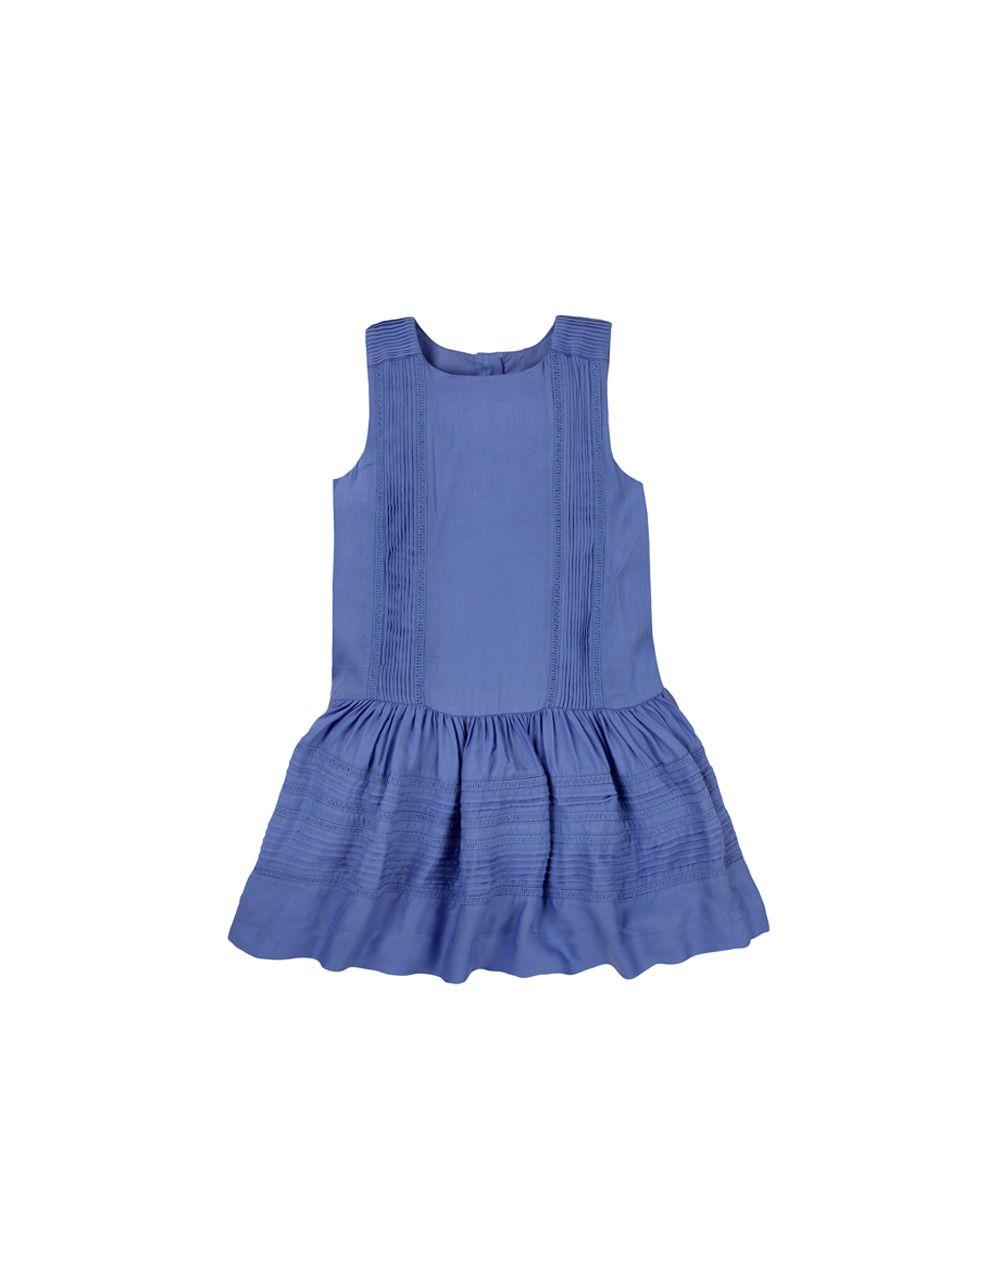 fb53c4a6a2af Vestido de niña Tizzas - Niña - Vestidos - El Corte Inglés - Moda ...